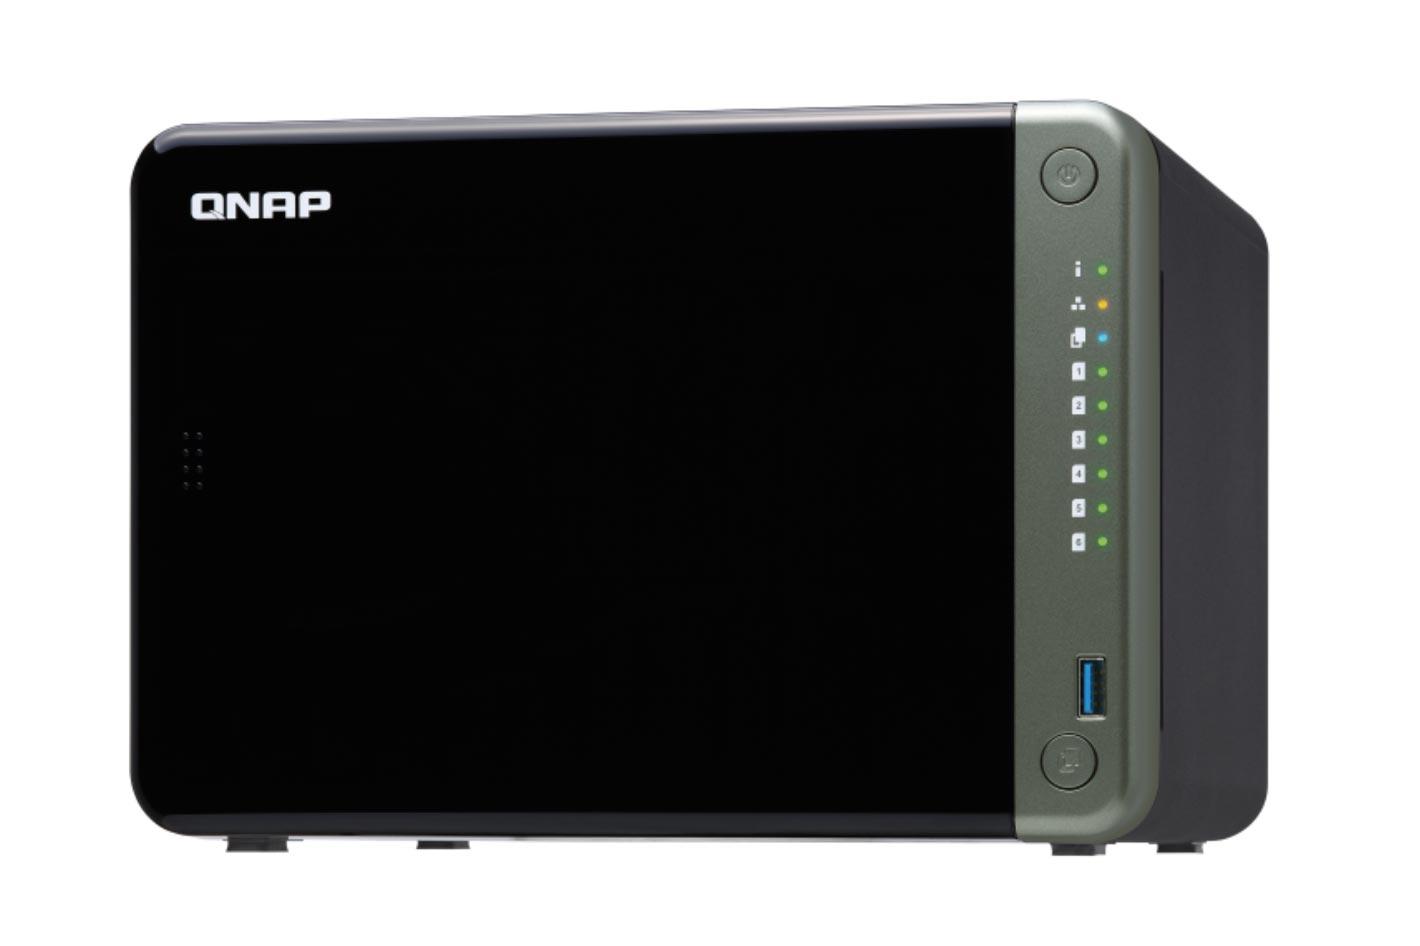 QNAP TS-x53D 2.5GbE NAS: 2.5 Gigabit over existing CAT5e